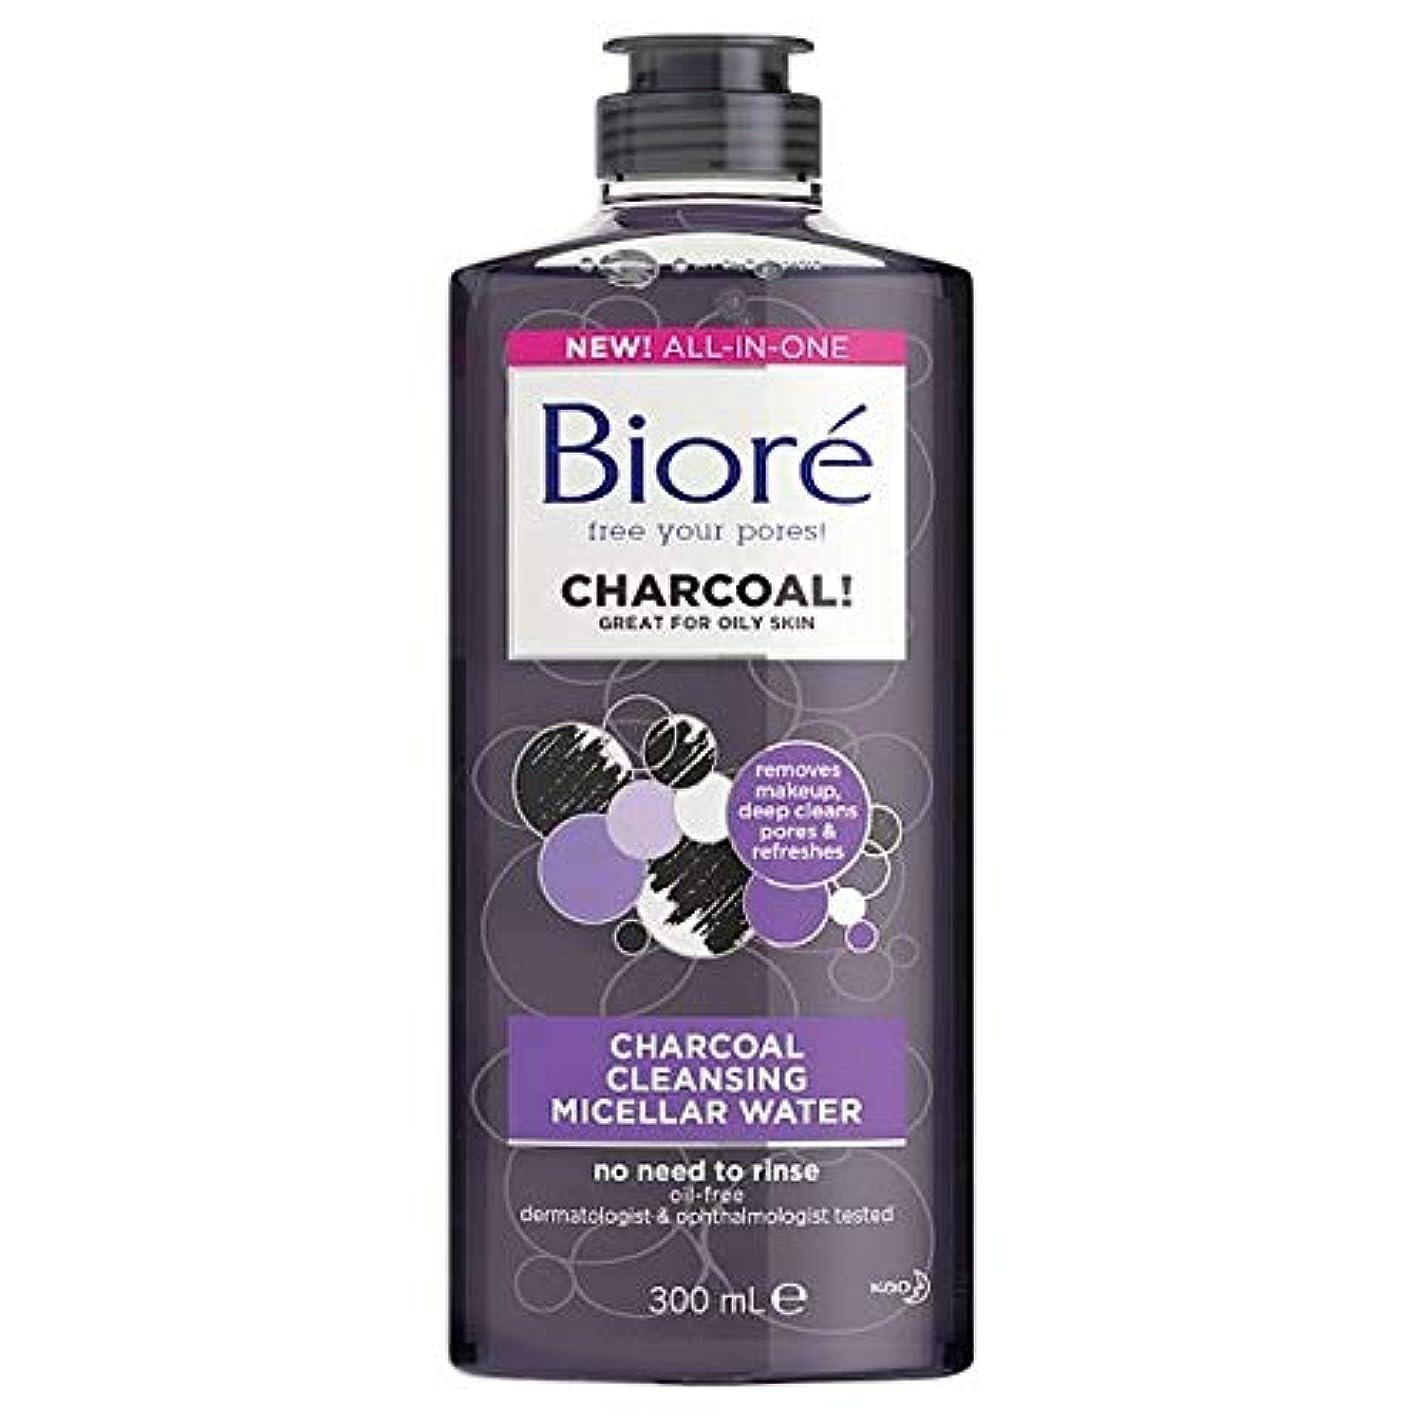 ロボット一晩ほこりっぽい[Biore] ビオレ炭ミセル水300ミリリットル - Biore Charcoal Micellar Water 300Ml [並行輸入品]